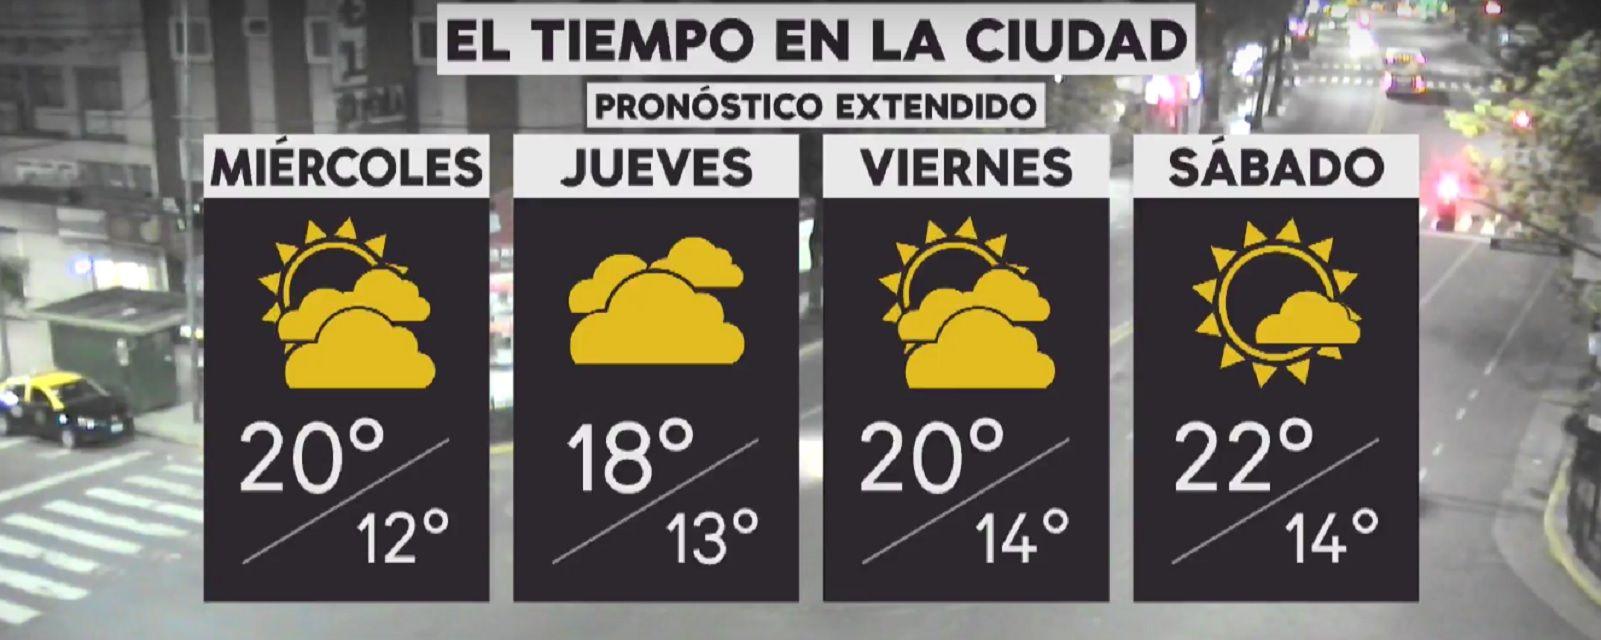 Pronóstico del tiempo del miércoles 10 de octubre de 2018